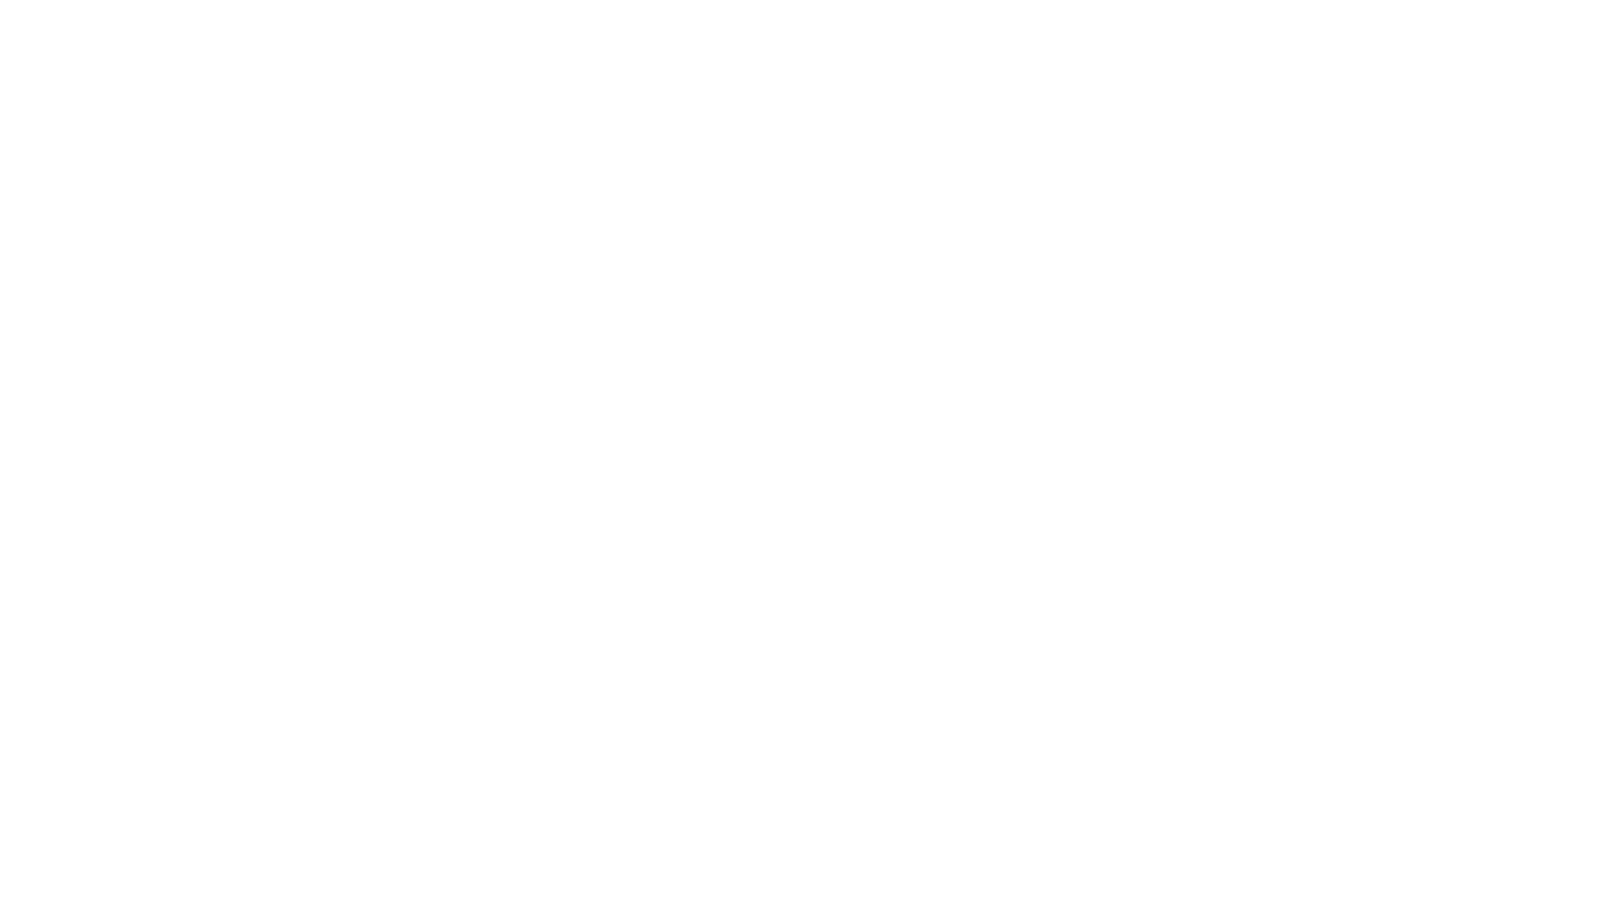 """«No hay ningún cambio de postura de mi gobierno»: Presidente de Paraguay desconoce a Maduro en la VI Cumbre Celac  Este sábado en México dio inicio la cumbre de la Comunidad de Estados Latinoamericanos y Caribeños (Celac), en la que se dieron cita decenas de mandatarios de la región, entre los que destacan los líderes de las dictaduras de Cuba y Venezuela.  En ese sentido, el presidente de Paraguay, Mario Abdo Benitez, reiteró su desconocimiento al régimen de Nicolás Maduro, y aclaró que su participación en la Cumbre, no cambia la postura de su gobierno frente al líder del chavismo.  """"There is no change in my government's position"""": President of Paraguay ignores Maduro at the VI Celac Summit  This Saturday in Mexico the summit of the Community of Latin American and Caribbean States (Celac) began, in which dozens of leaders of the region gathered, among which the leaders of the dictatorships of Cuba and Venezuela stand out.  In this sense, the president of Paraguay, Mario Abdo Benitez, reiterated his ignorance of the Nicolás Maduro regime, and clarified that his participation in the Summit does not change the position of his government against the leader of Chavismo.  UNETE EN TELEGRAM AQUÍ: https://t.me/superviralisimo PAGINA WEB: https://superviralisimo.com/  APÓYANOS CON UNA MEMBRESÍA MENSUAL EN EL CANAL Y CONTRIBUYE EN LABORES SOCIALES EN VENEZUELA AQUÍ: https://www.youtube.com/channel/UClP2c1O5TfpVNWMnH1ugPJQ/join  Suscríbete AQUÍ: https://www.youtube.com/c/SuperViralisimo  DALE ME GUSTA AL VIDEO, Y COMPARTE EL VIDEO PARA QUE NOS AYUDES A CREAR LA MAYOR COMUNIDAD DE NOTICIAS ACERCA DE VENEZUELA Y EL MUNDO .    #SUPERVIRALISIMO #THEWHITEHOUSE #WHITEHOUSE #JOEBIDENNOTICIAS #JOEBIDENNEWS #JOEBIDEN #THEWHITEHOUSE #CASABLANCA #USATODAY #NEWSTODAY #FoxNews  #ABCNews #ExecutiveOrder #POLITICALNEWS #POLITICALNEWSTODAY #LATESTPOLITICALNEWS #POLITICALNEWSLIVE #FINANCIALNEWS #washington  #BreakingNews #nypost   #LiveNews #News   #CNBC  #maduronews #maduronoticias  #maduroc"""